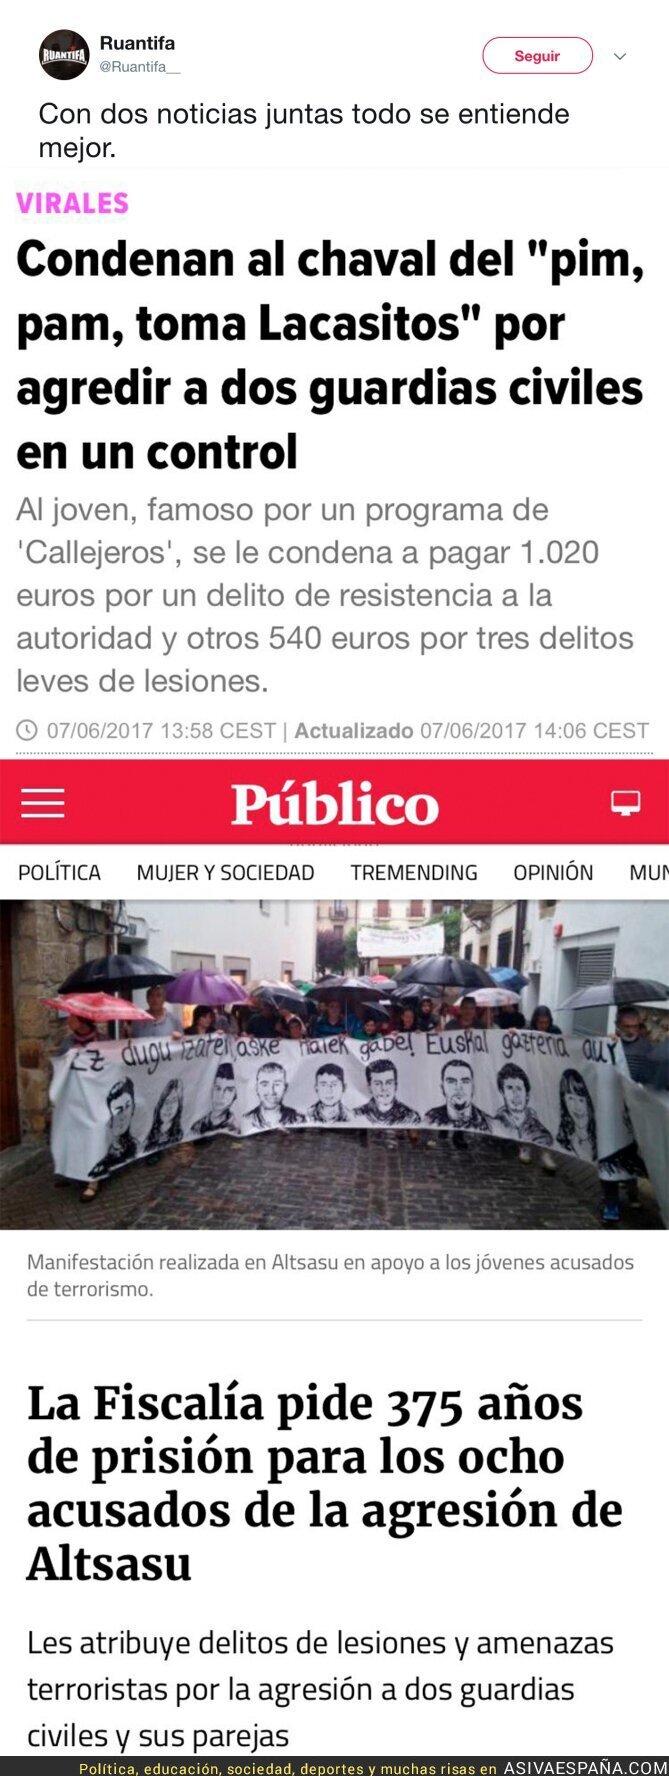 71095 - Dos condenas que describen España